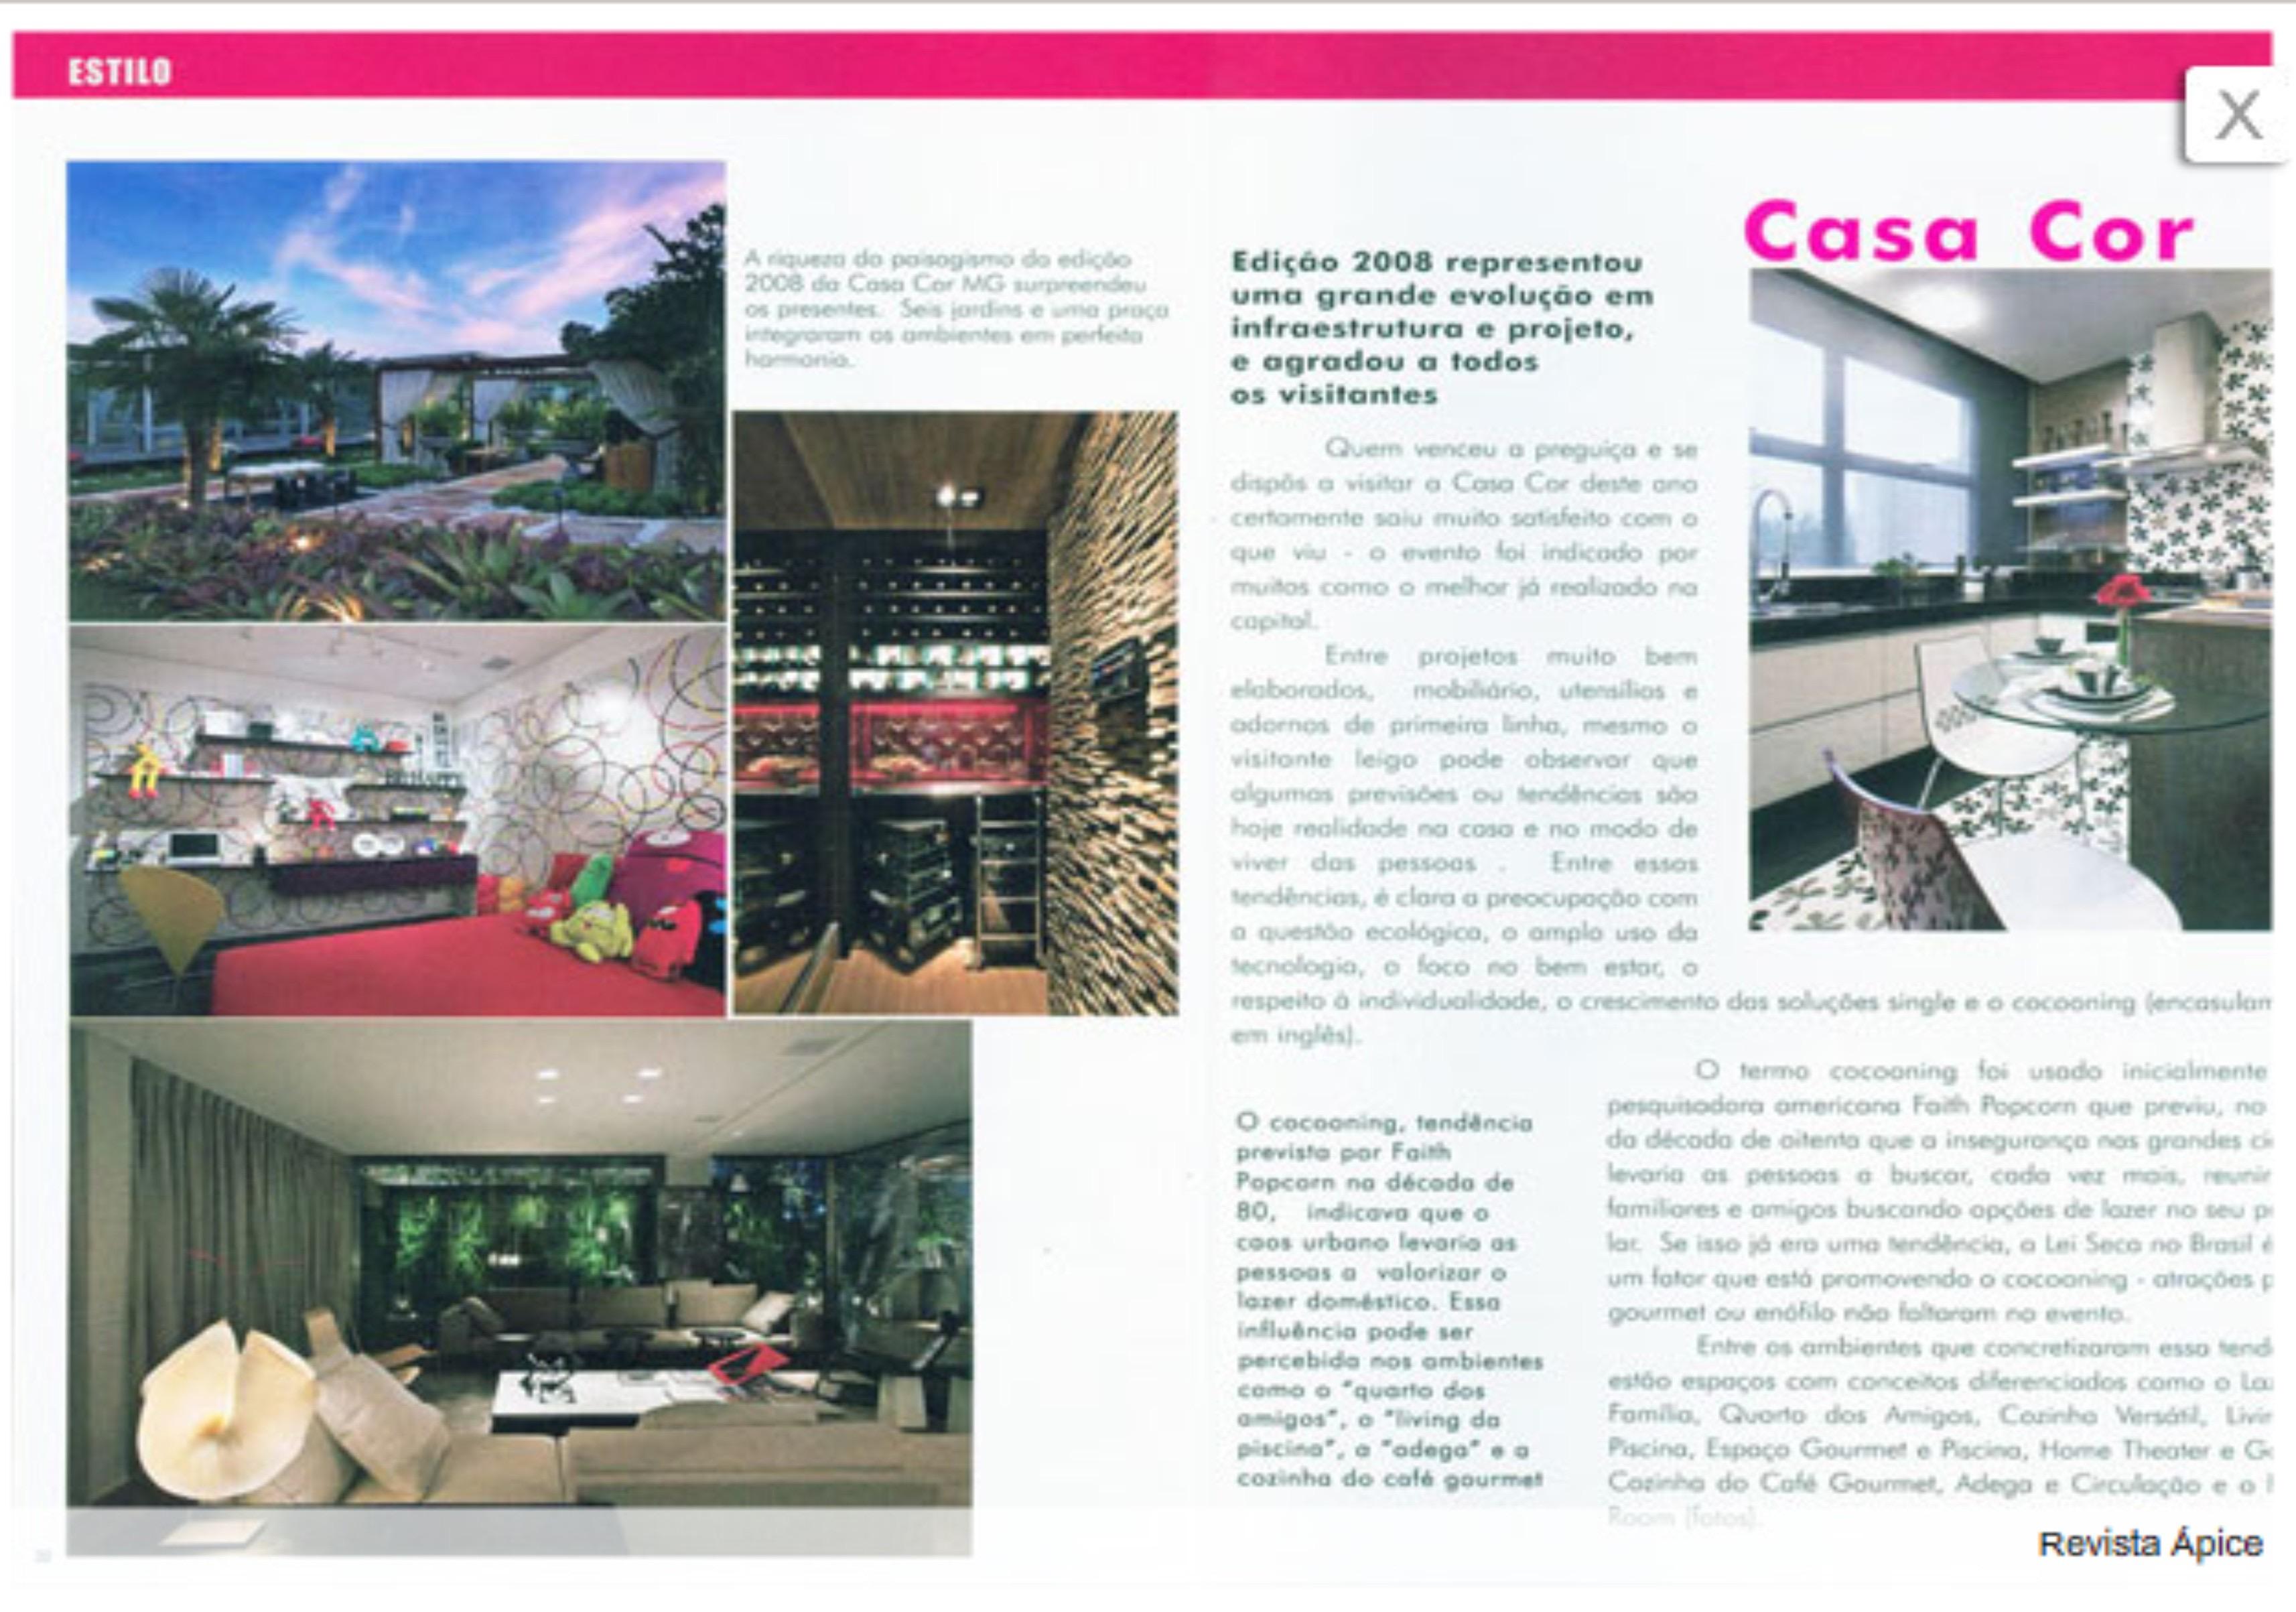 Revista Apice